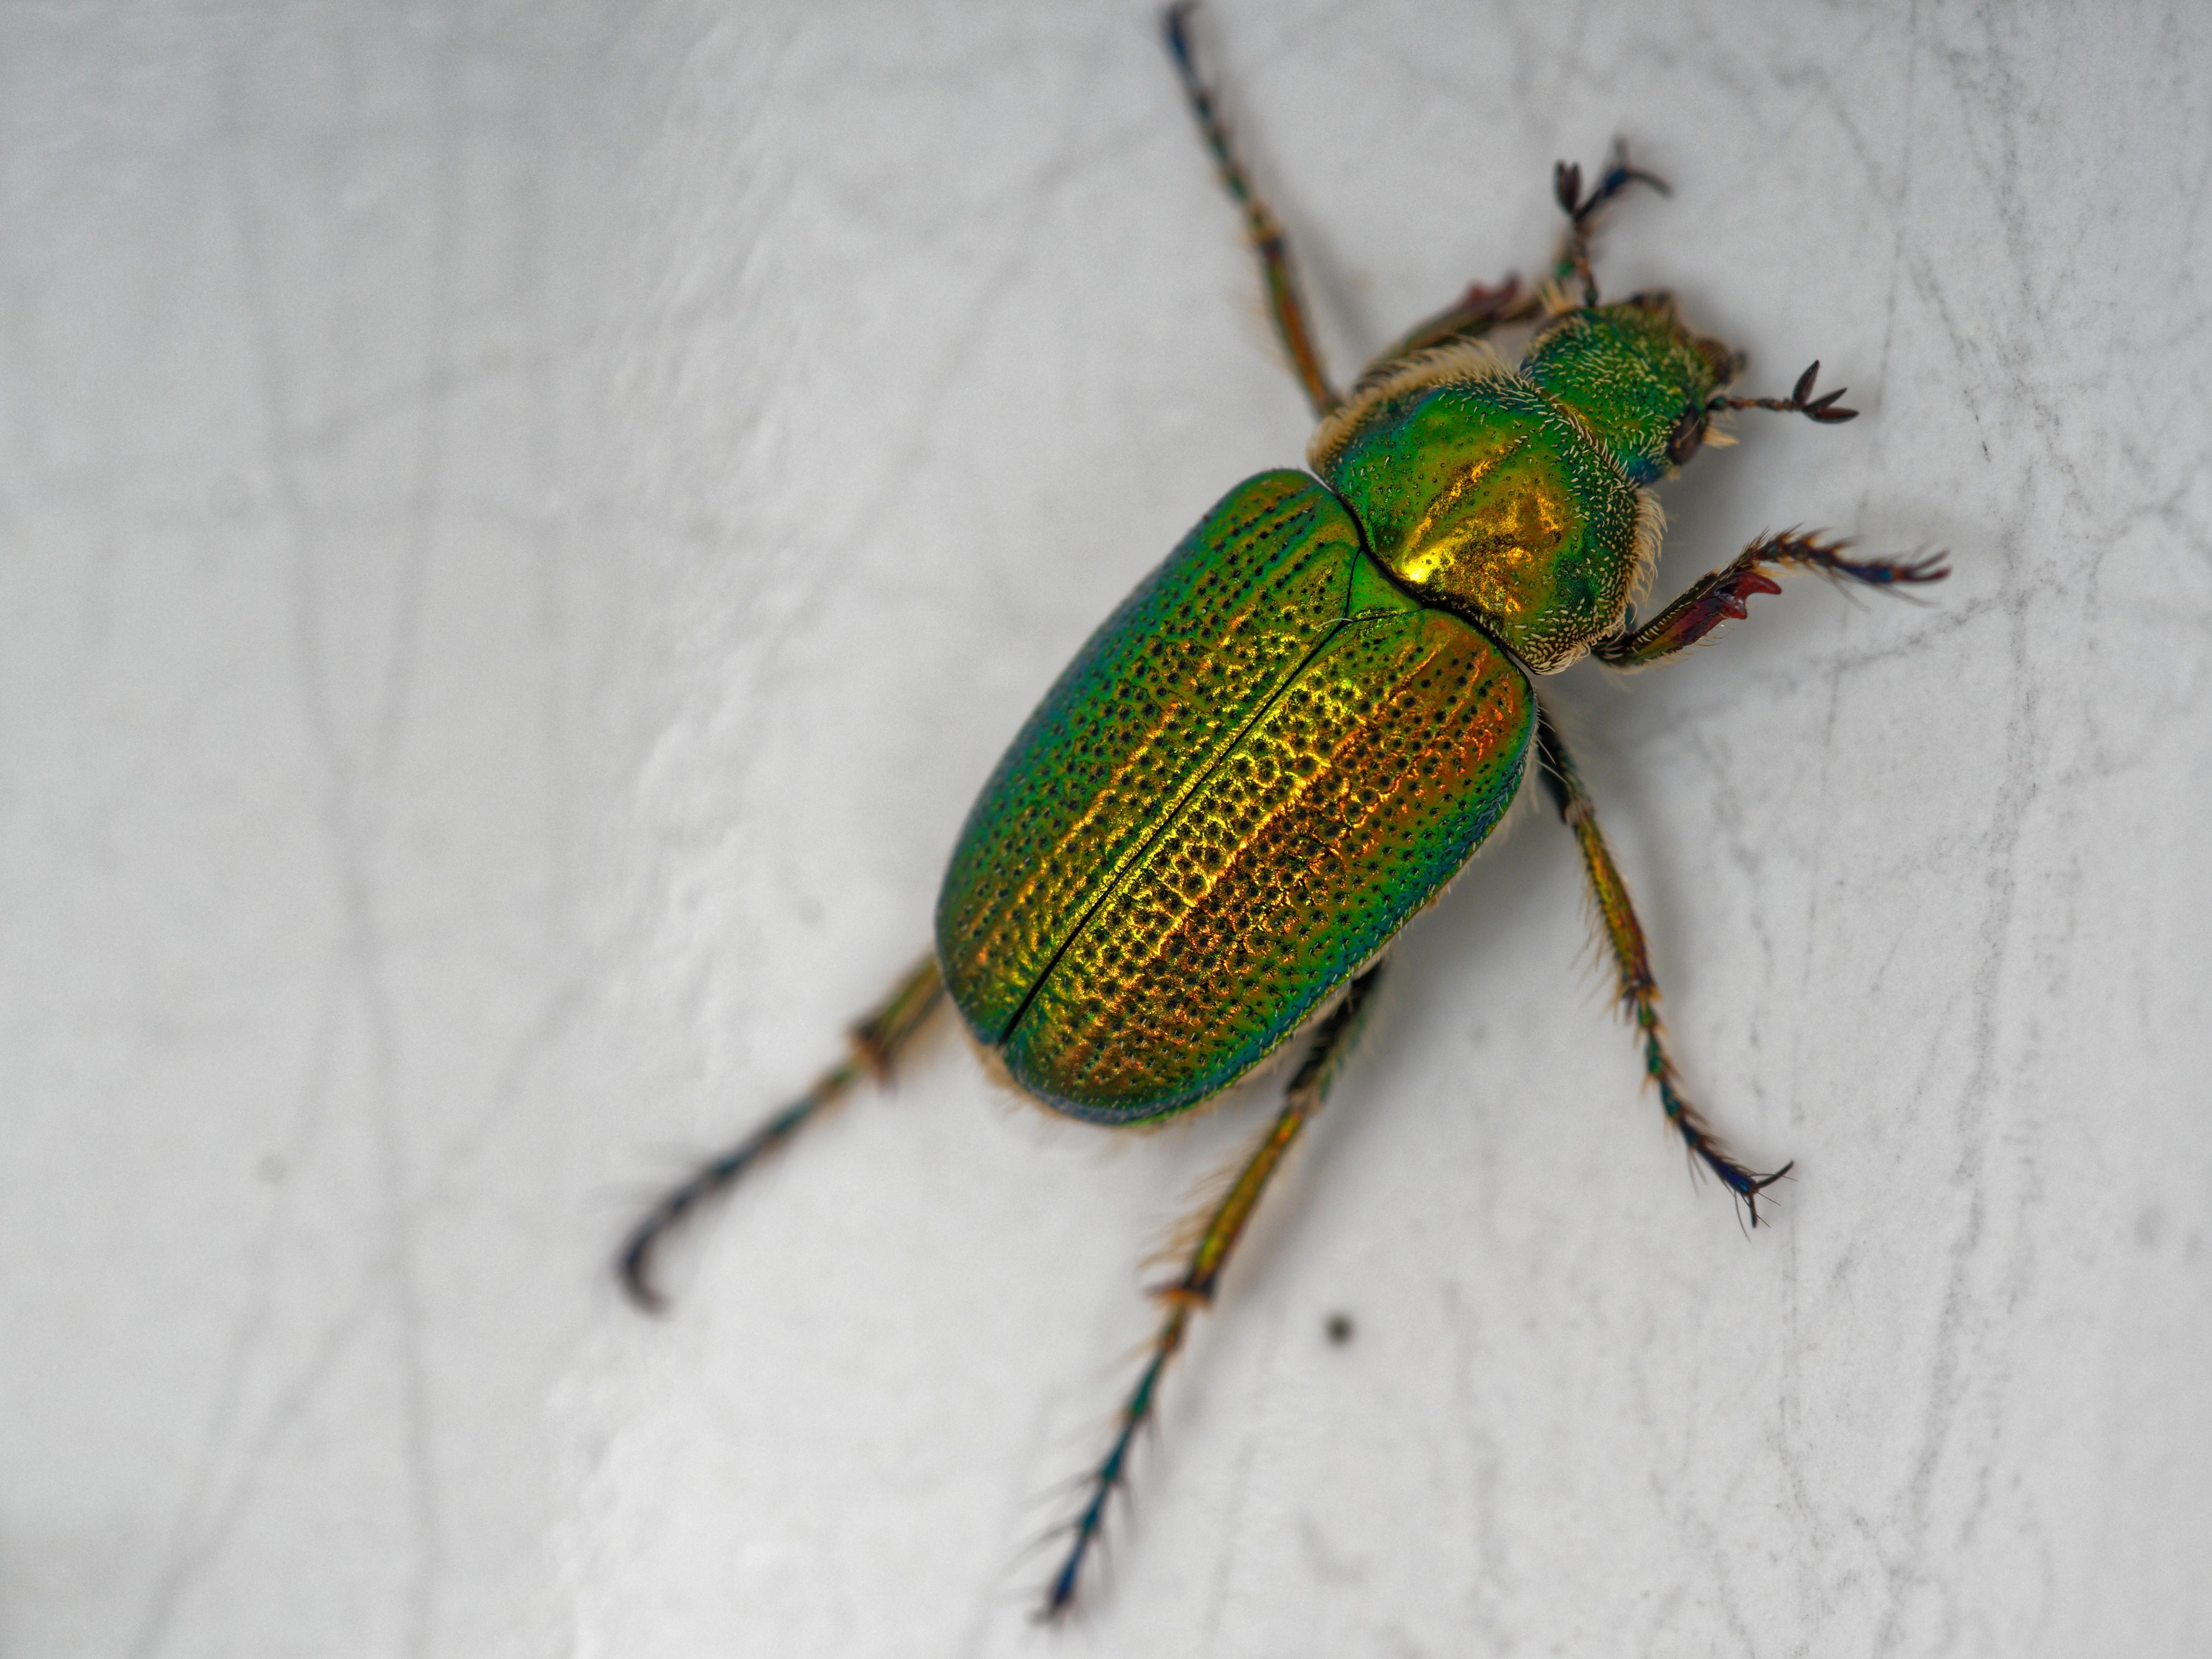 Christmas-beetle-11.jpeg